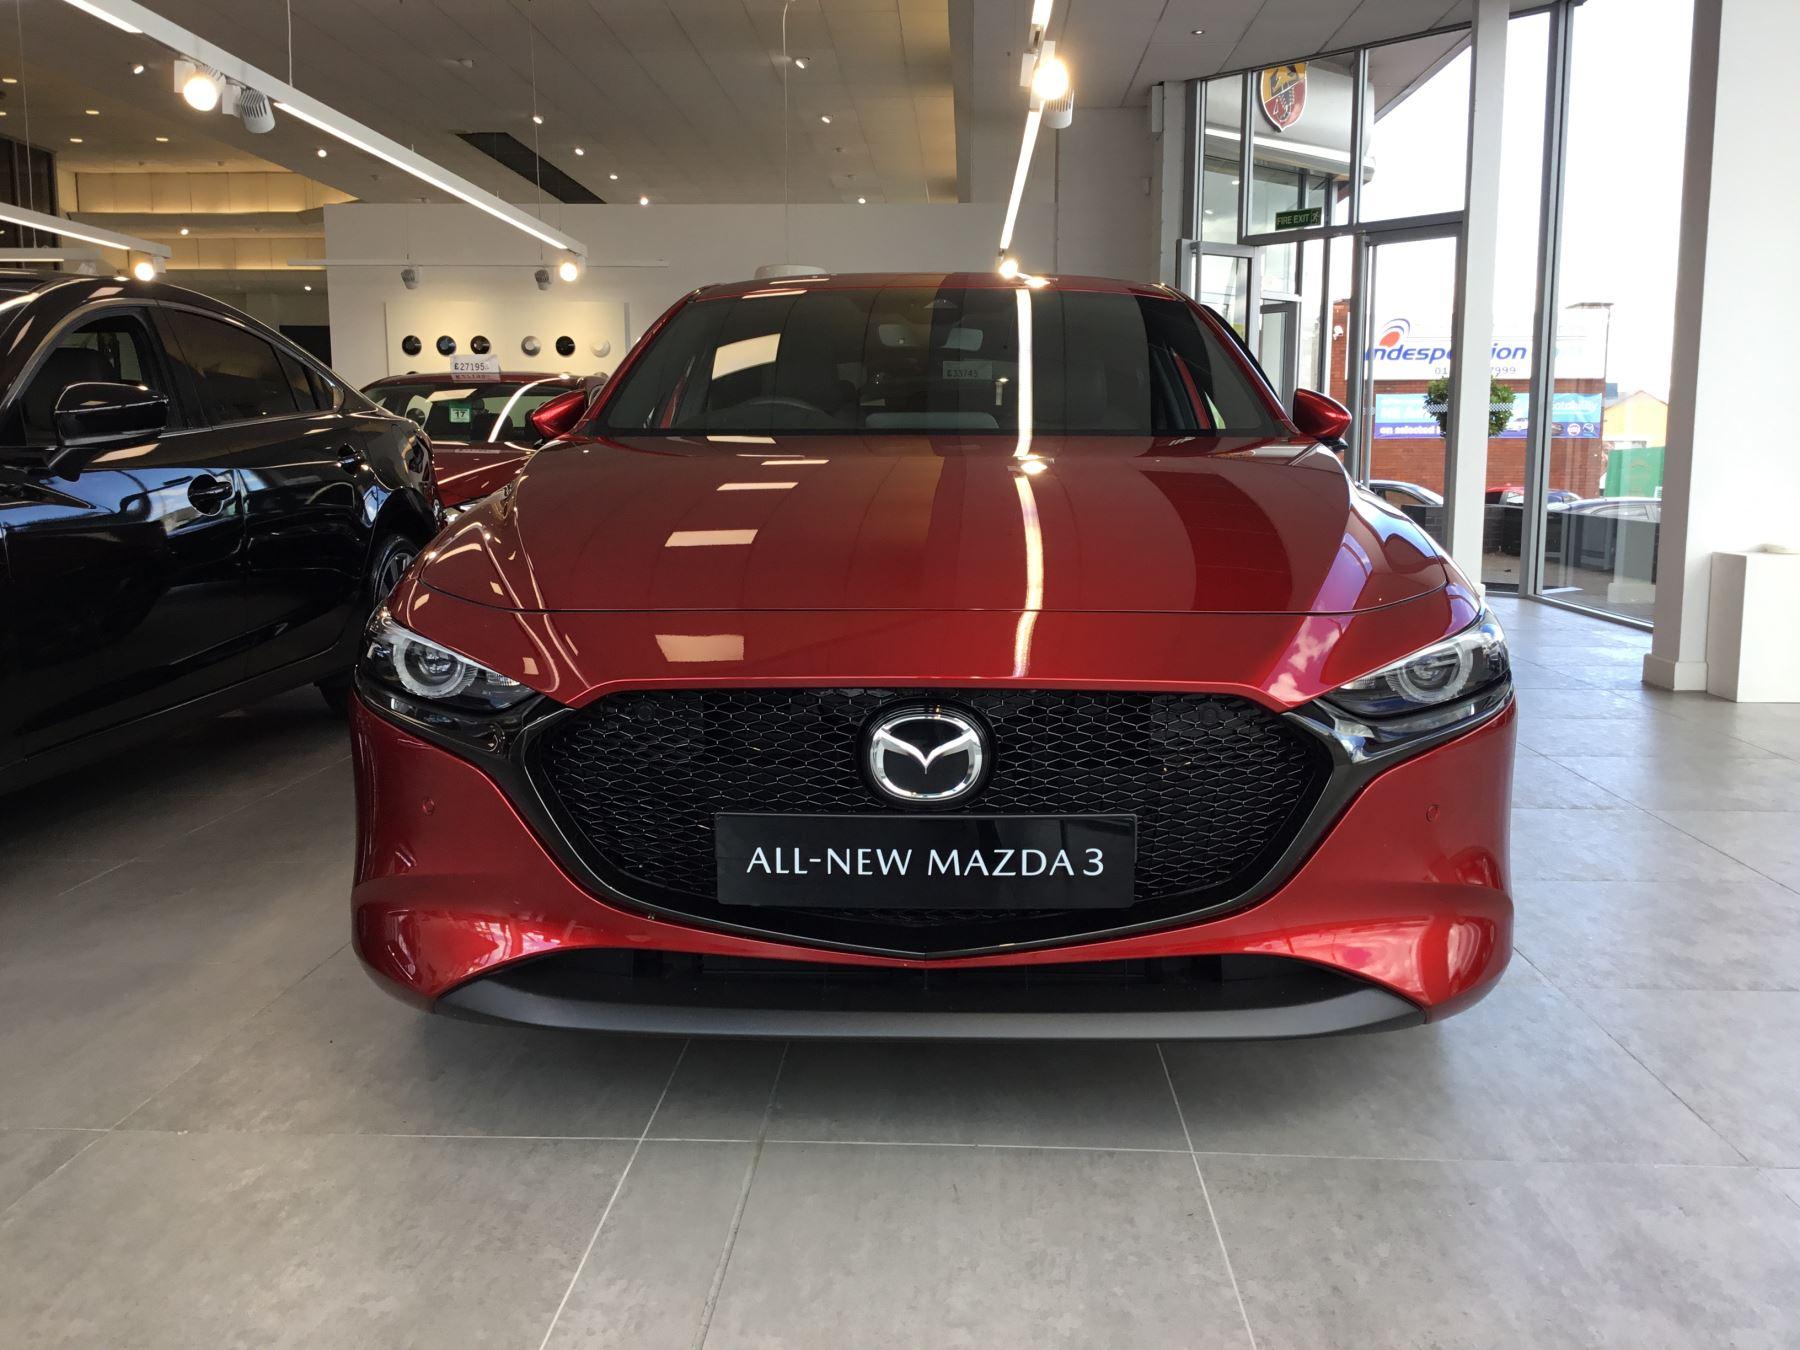 Mazda 3 2.0 GT Sport 5dr image 2